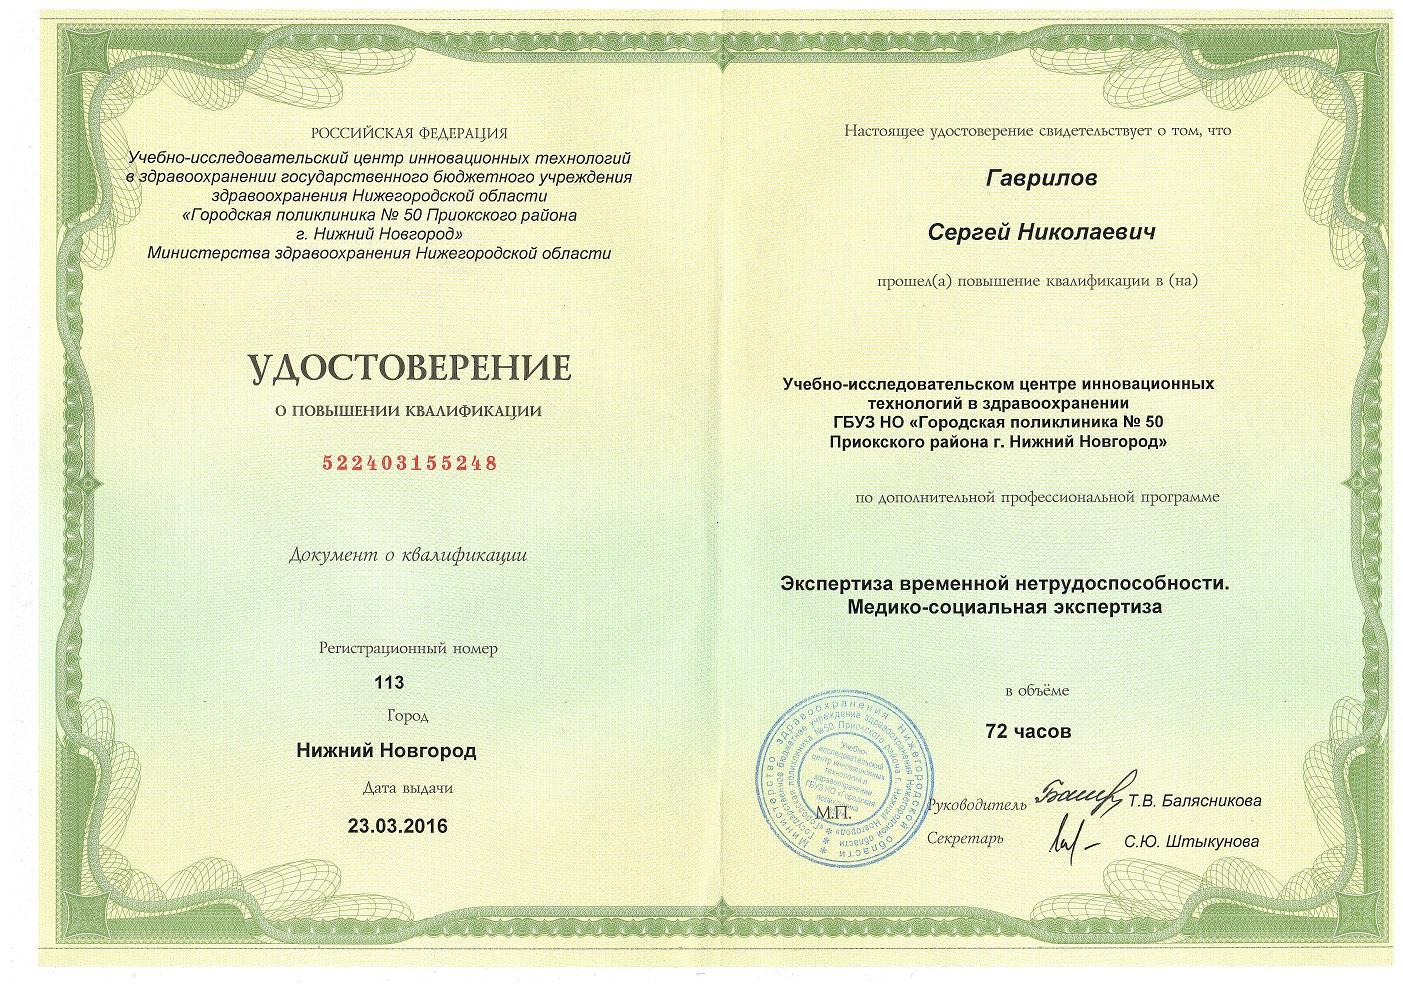 Медико-социальная экспертиза сертификат